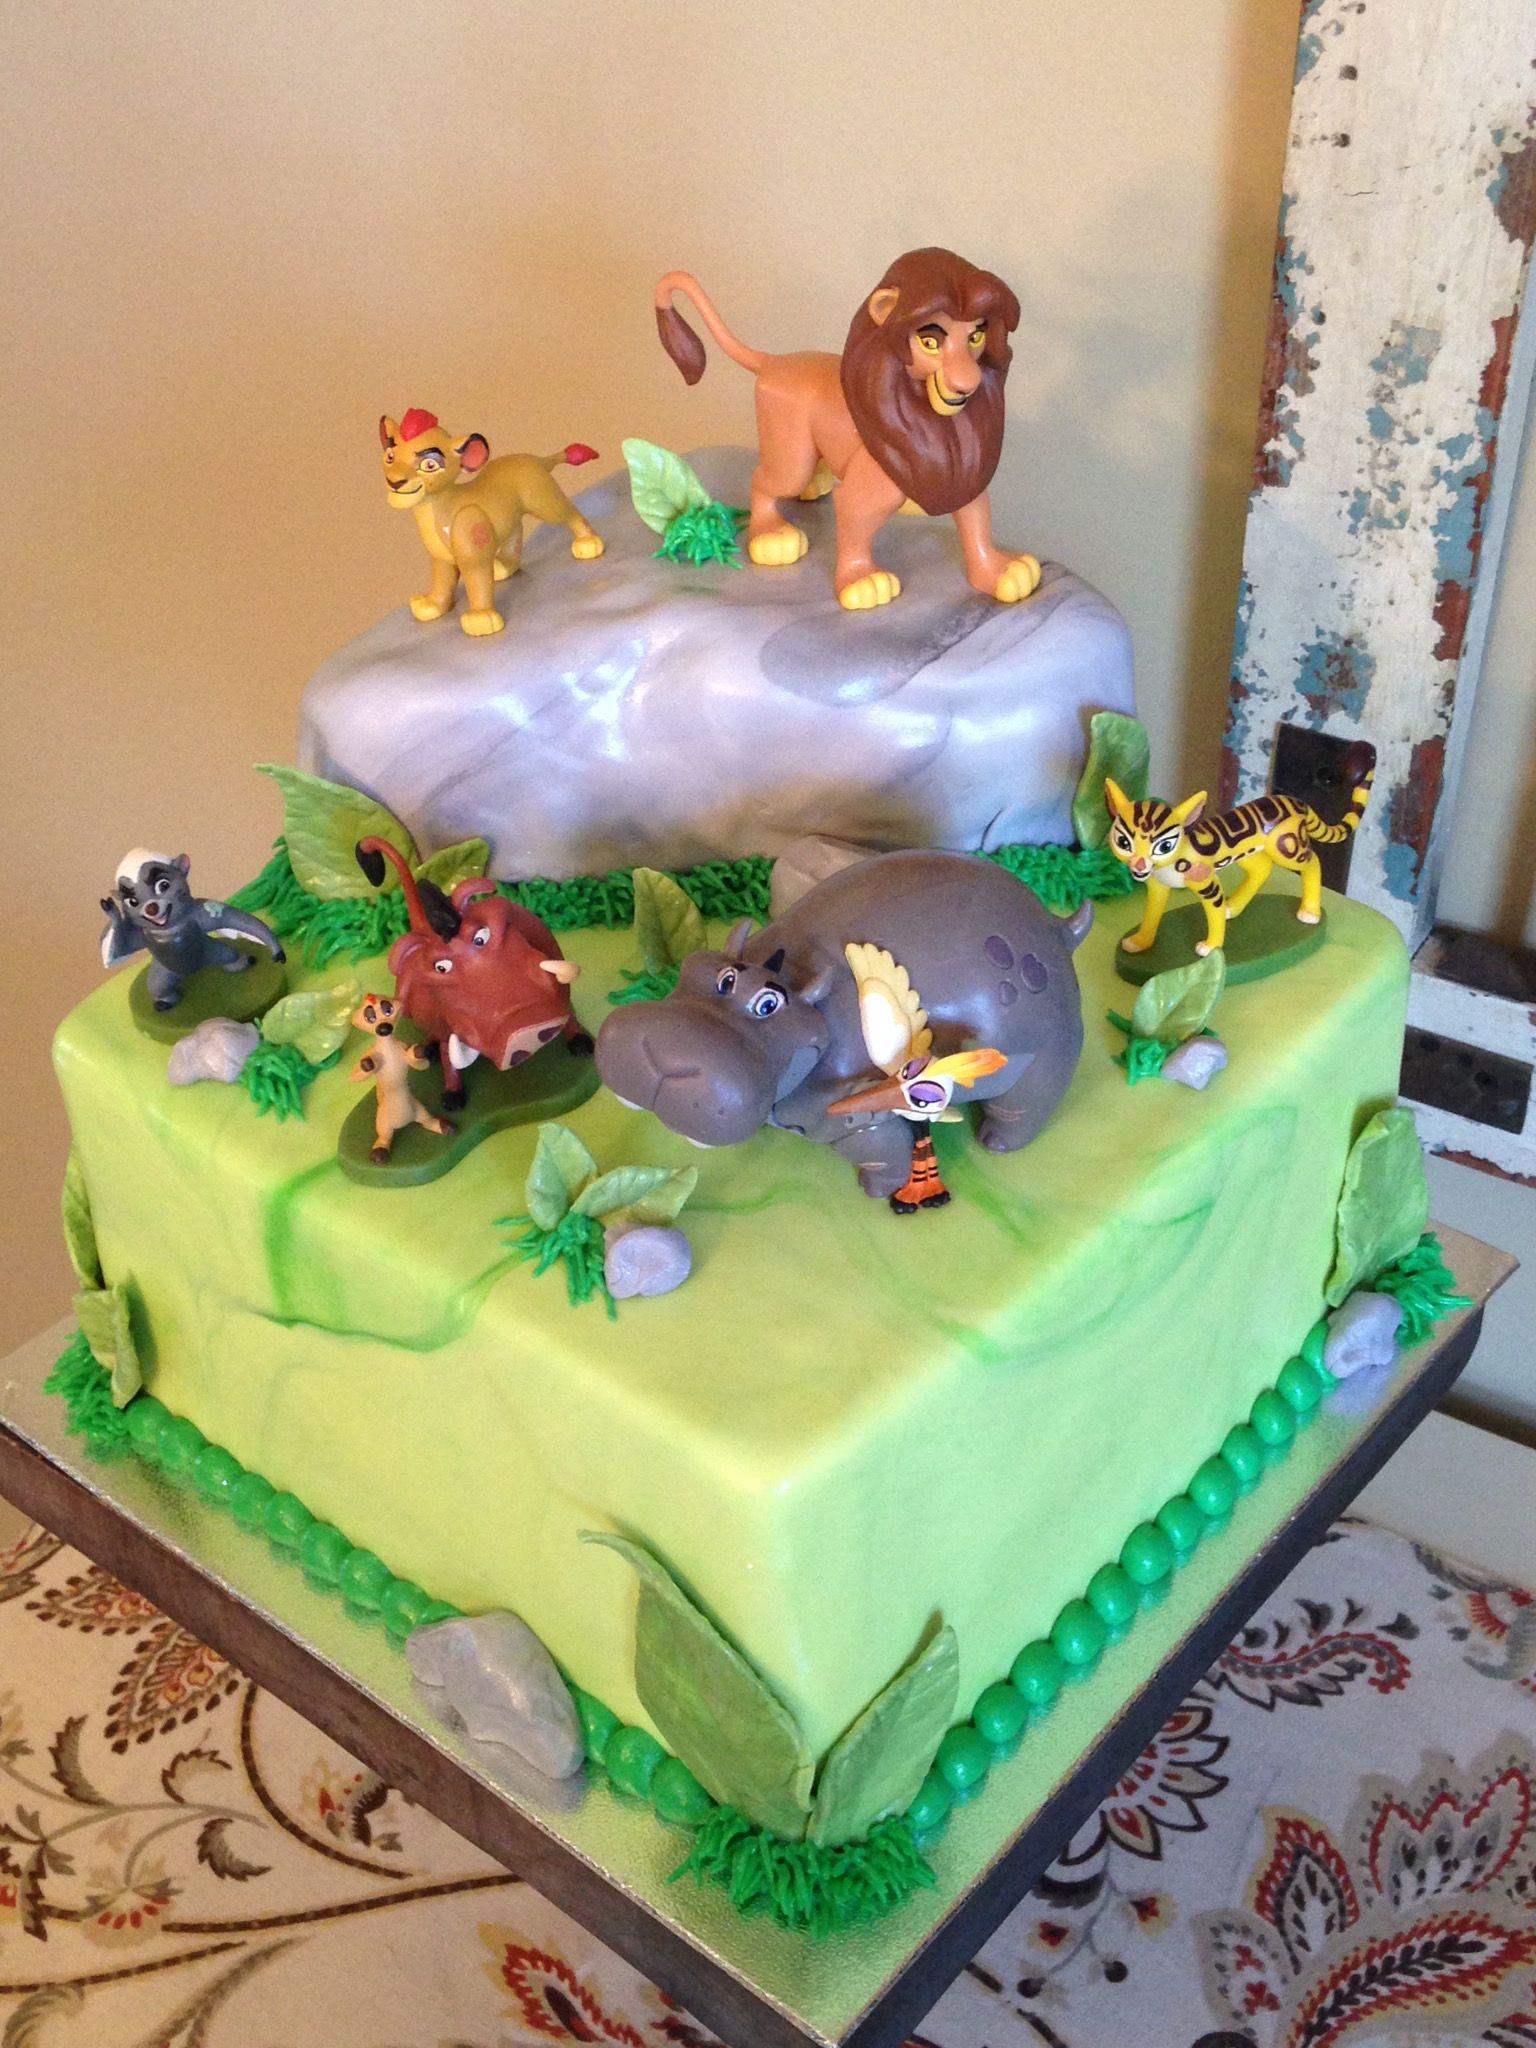 Lion Guard Cake ide gteau anniversaire Pinterest Lions